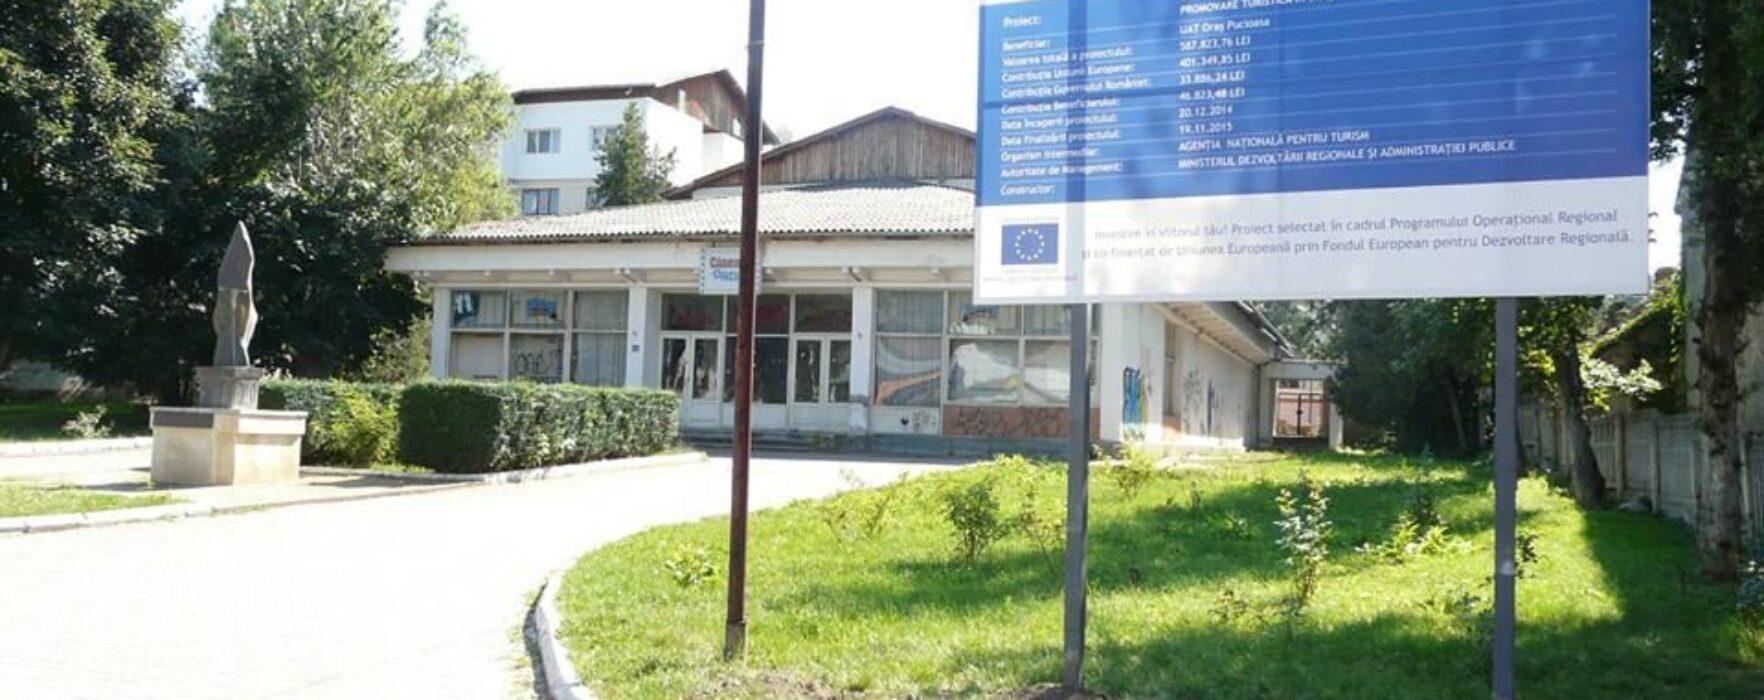 Pucioasa: Fostul cinematograf Dacia va fi reabilitat şi transformat în punct de informare turistică